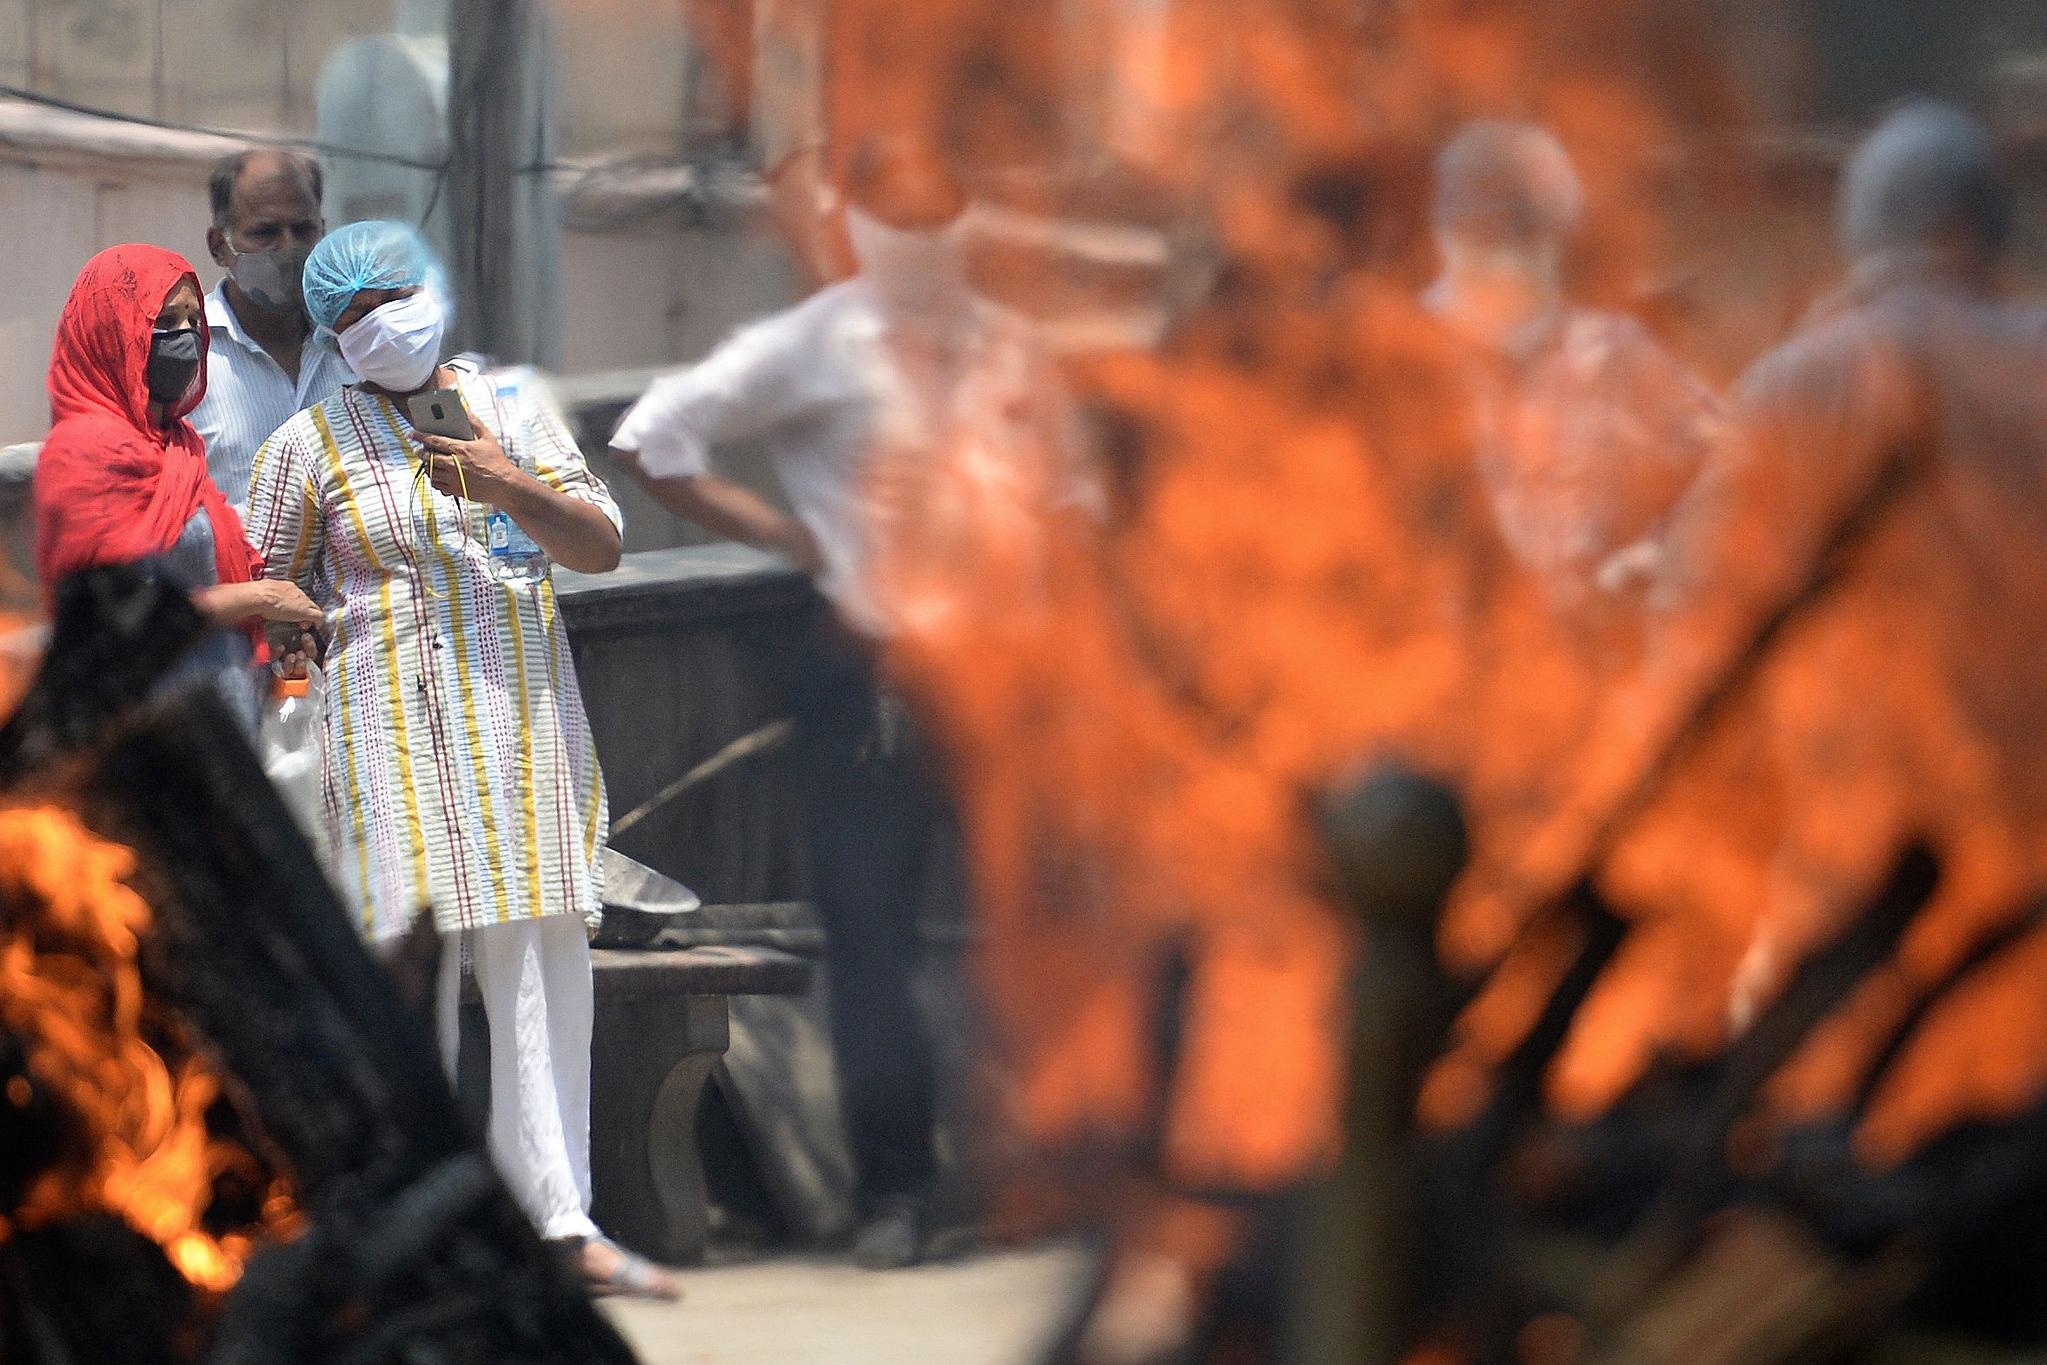 15일(현지시간) 인도 뉴델리의 한 화장장에서 유족들이 신종 코로나바이러스 감염증(코로나19)으로 사망한 환자의 장례식을 치르고 있다. AFP=연합뉴스